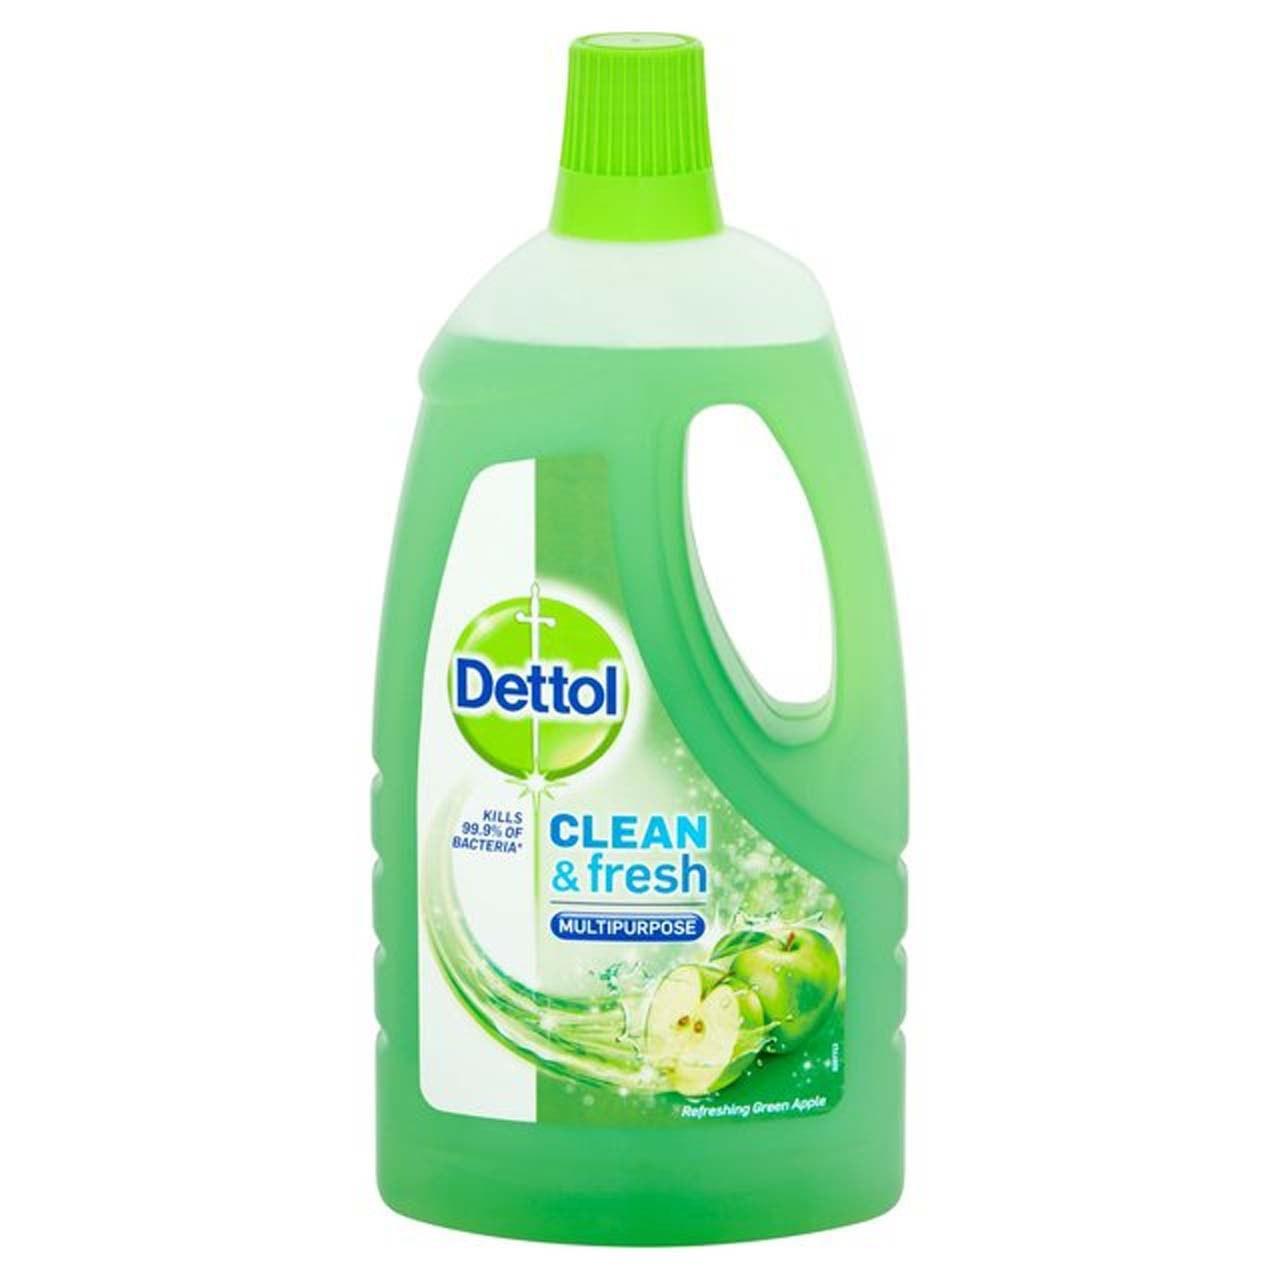 پاک کننده همه منظوره سیب سبز دتول Dettol |